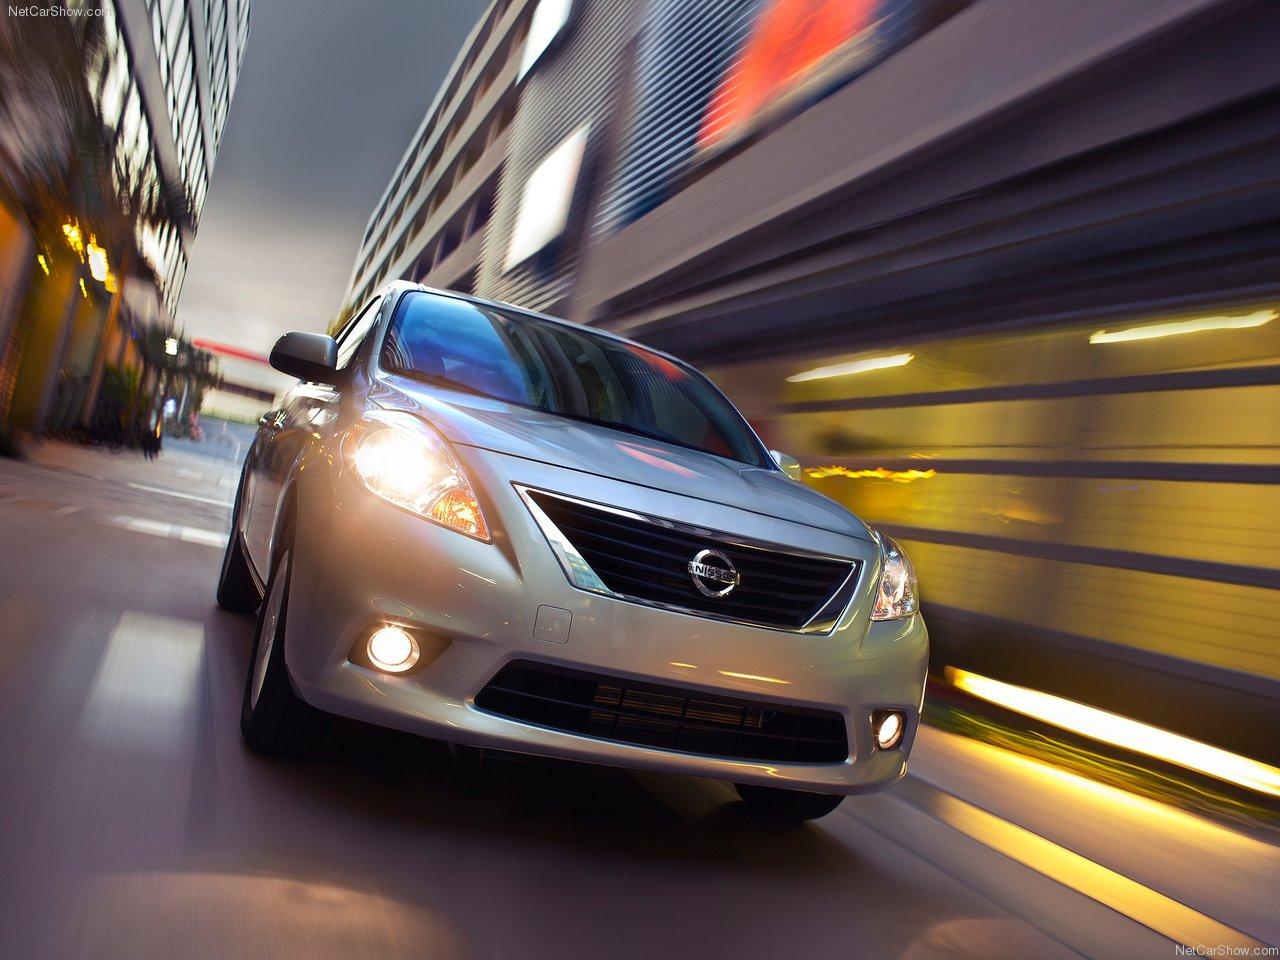 http://4.bp.blogspot.com/-I2MisMe9skQ/Ta8uso7wRQI/AAAAAAACNKE/uJYzcrtvhFw/s1600/Nissan-Versa_Sedan_2012_1280x960_wallpaper_03.jpg